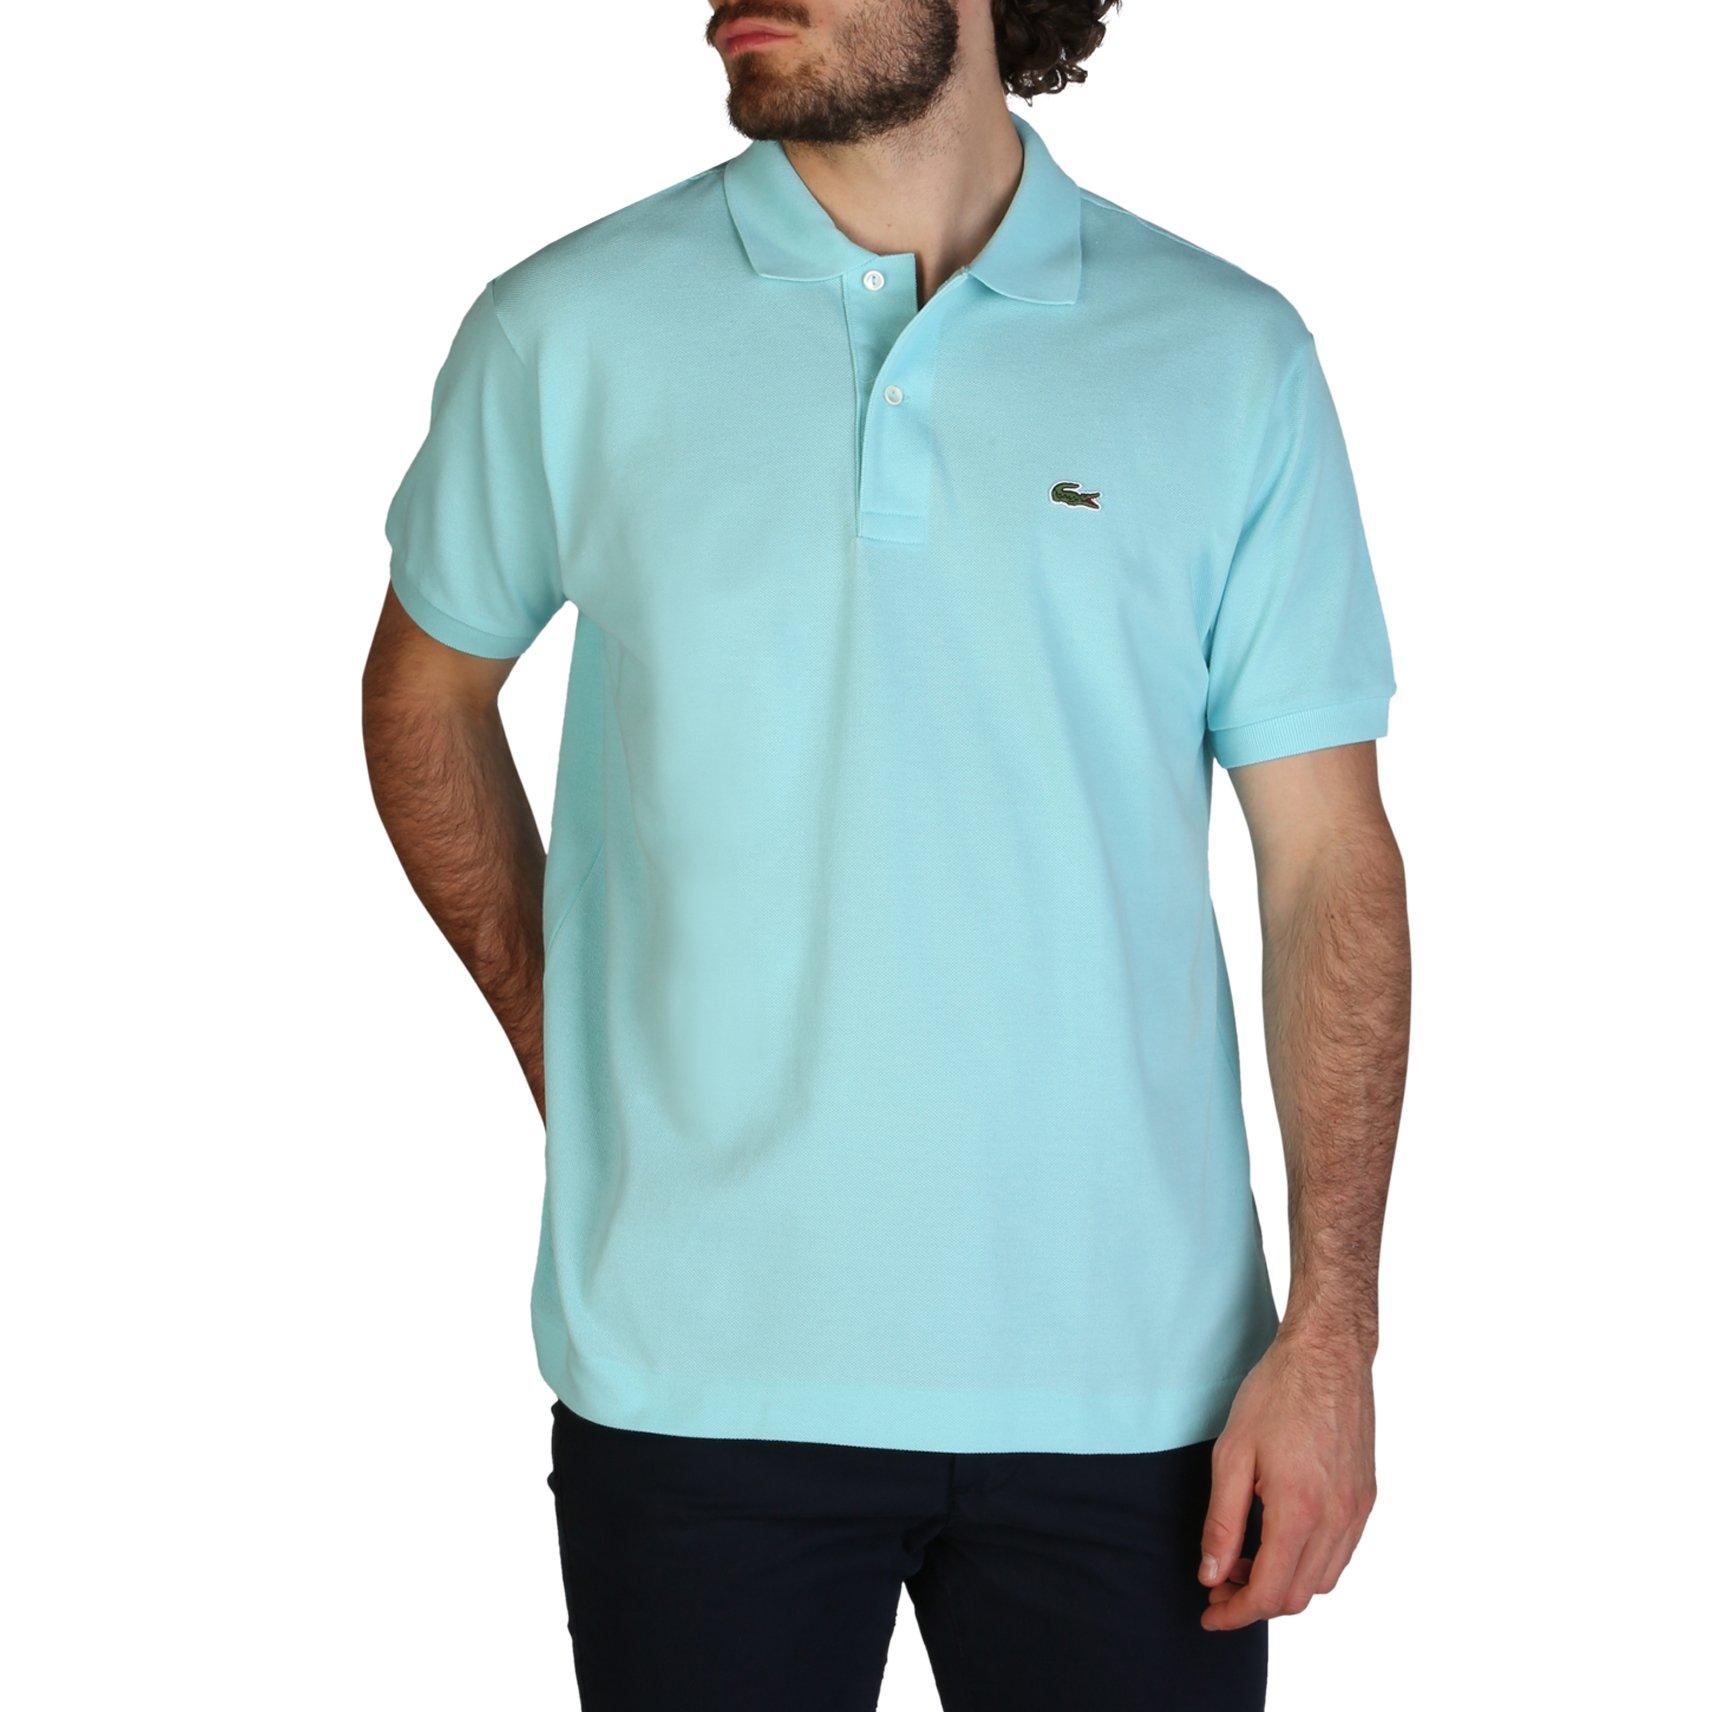 Lacoste Men's Polo Shirt Various Colours L1212_REGULAR - blue-1 S